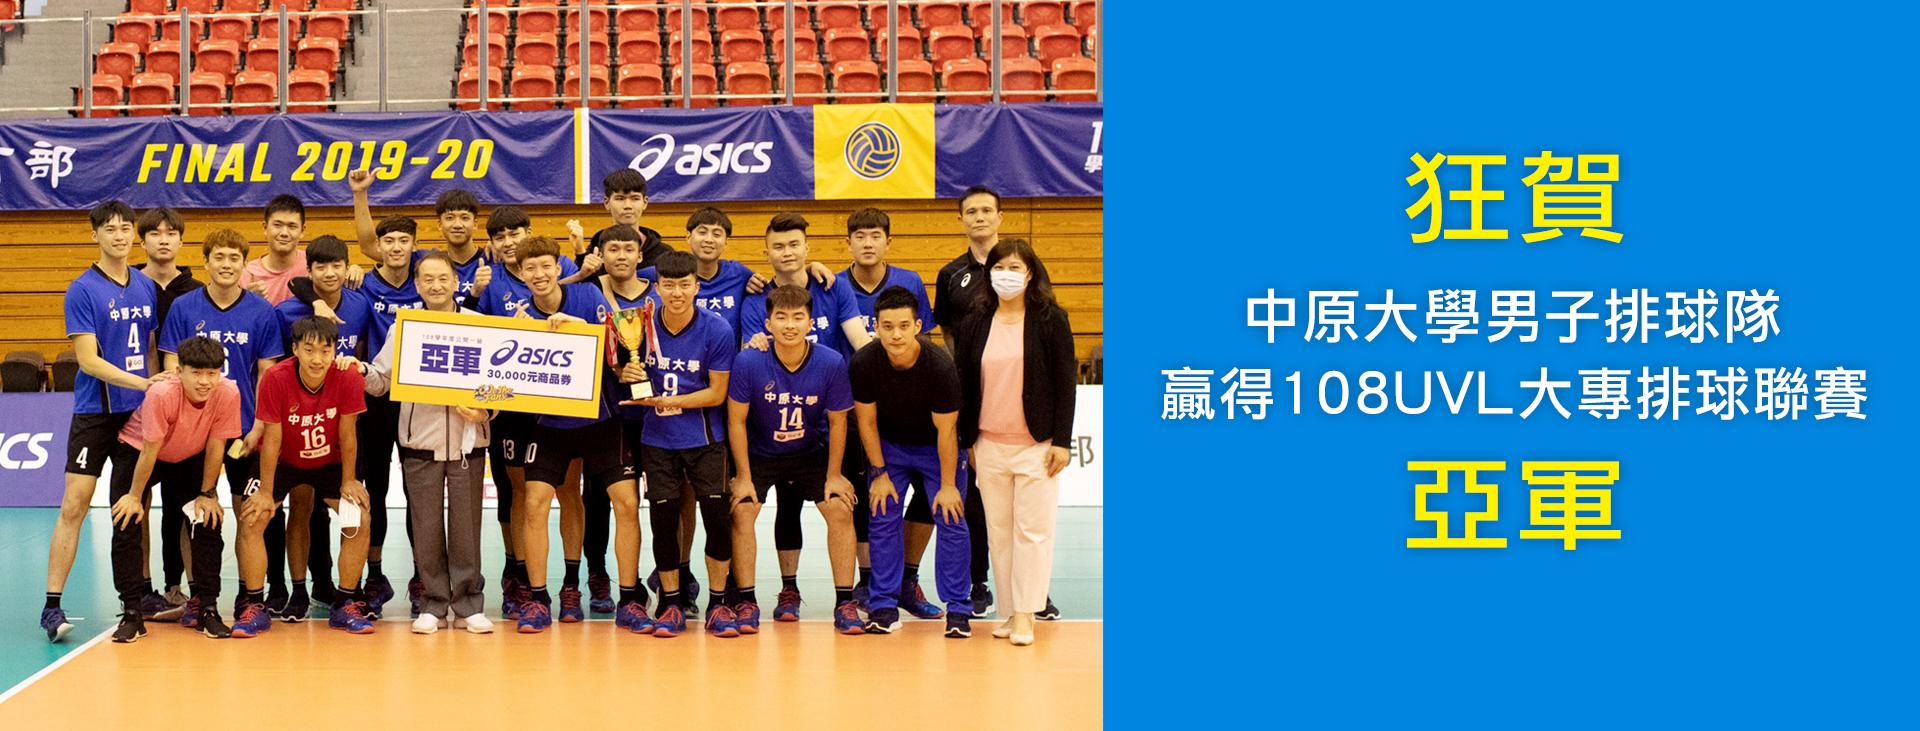 中原男排勇奪UVL大專排球聯賽亞軍